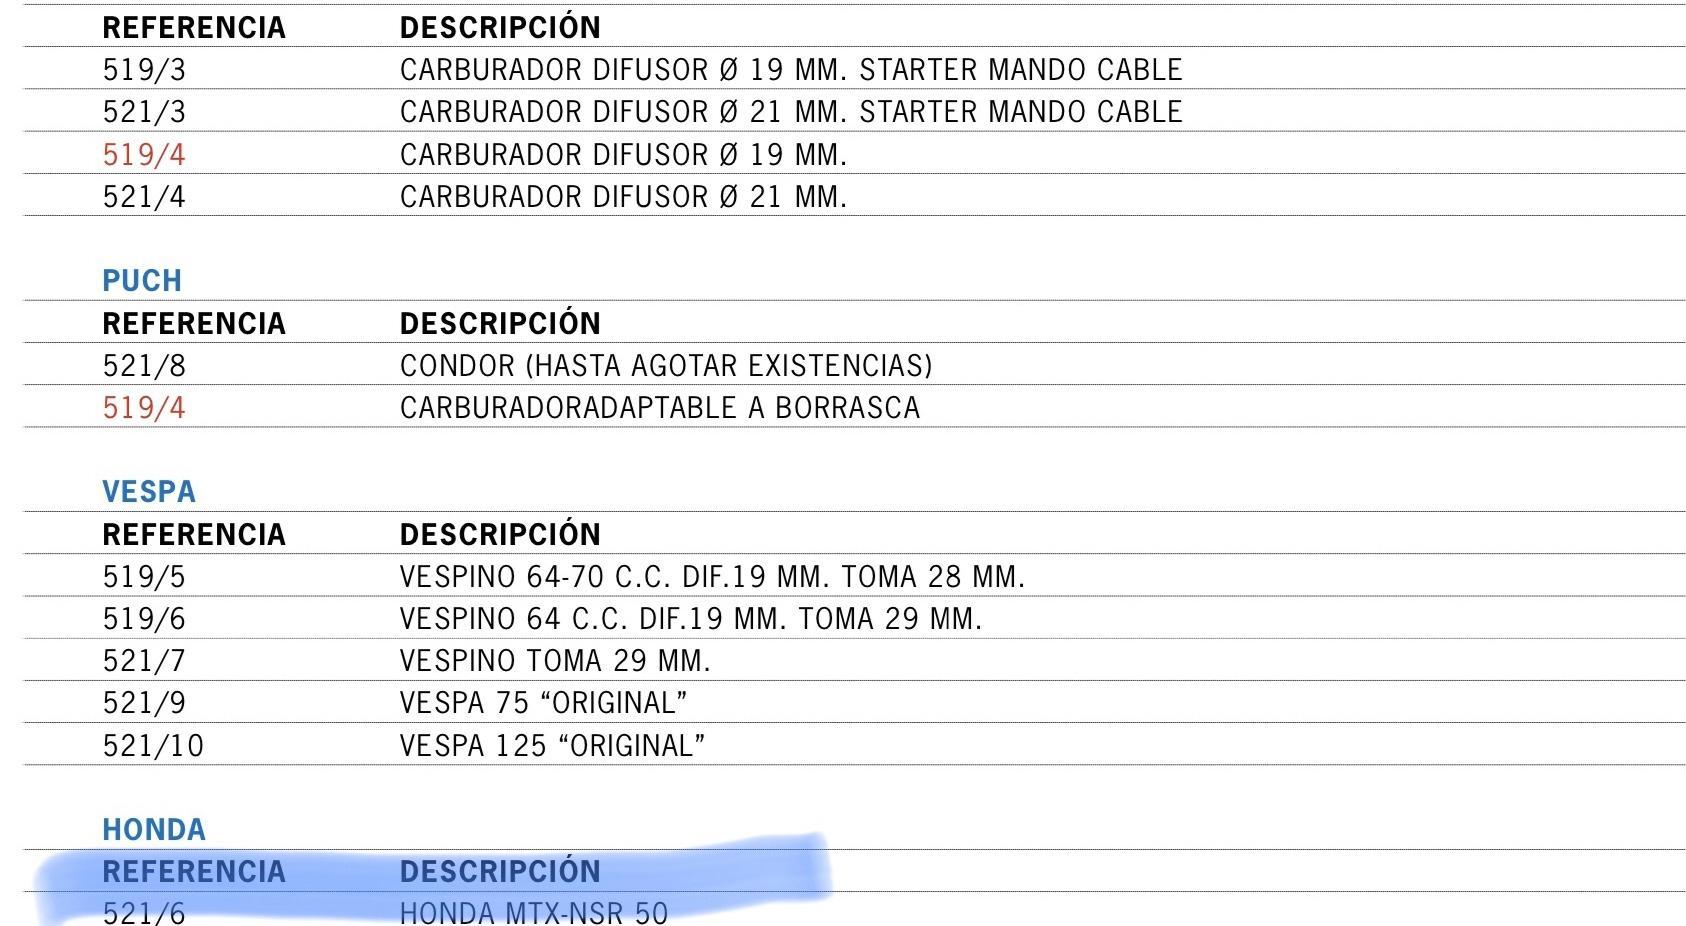 A500EA77-0E07-4913-BF40-950A8928EDEC